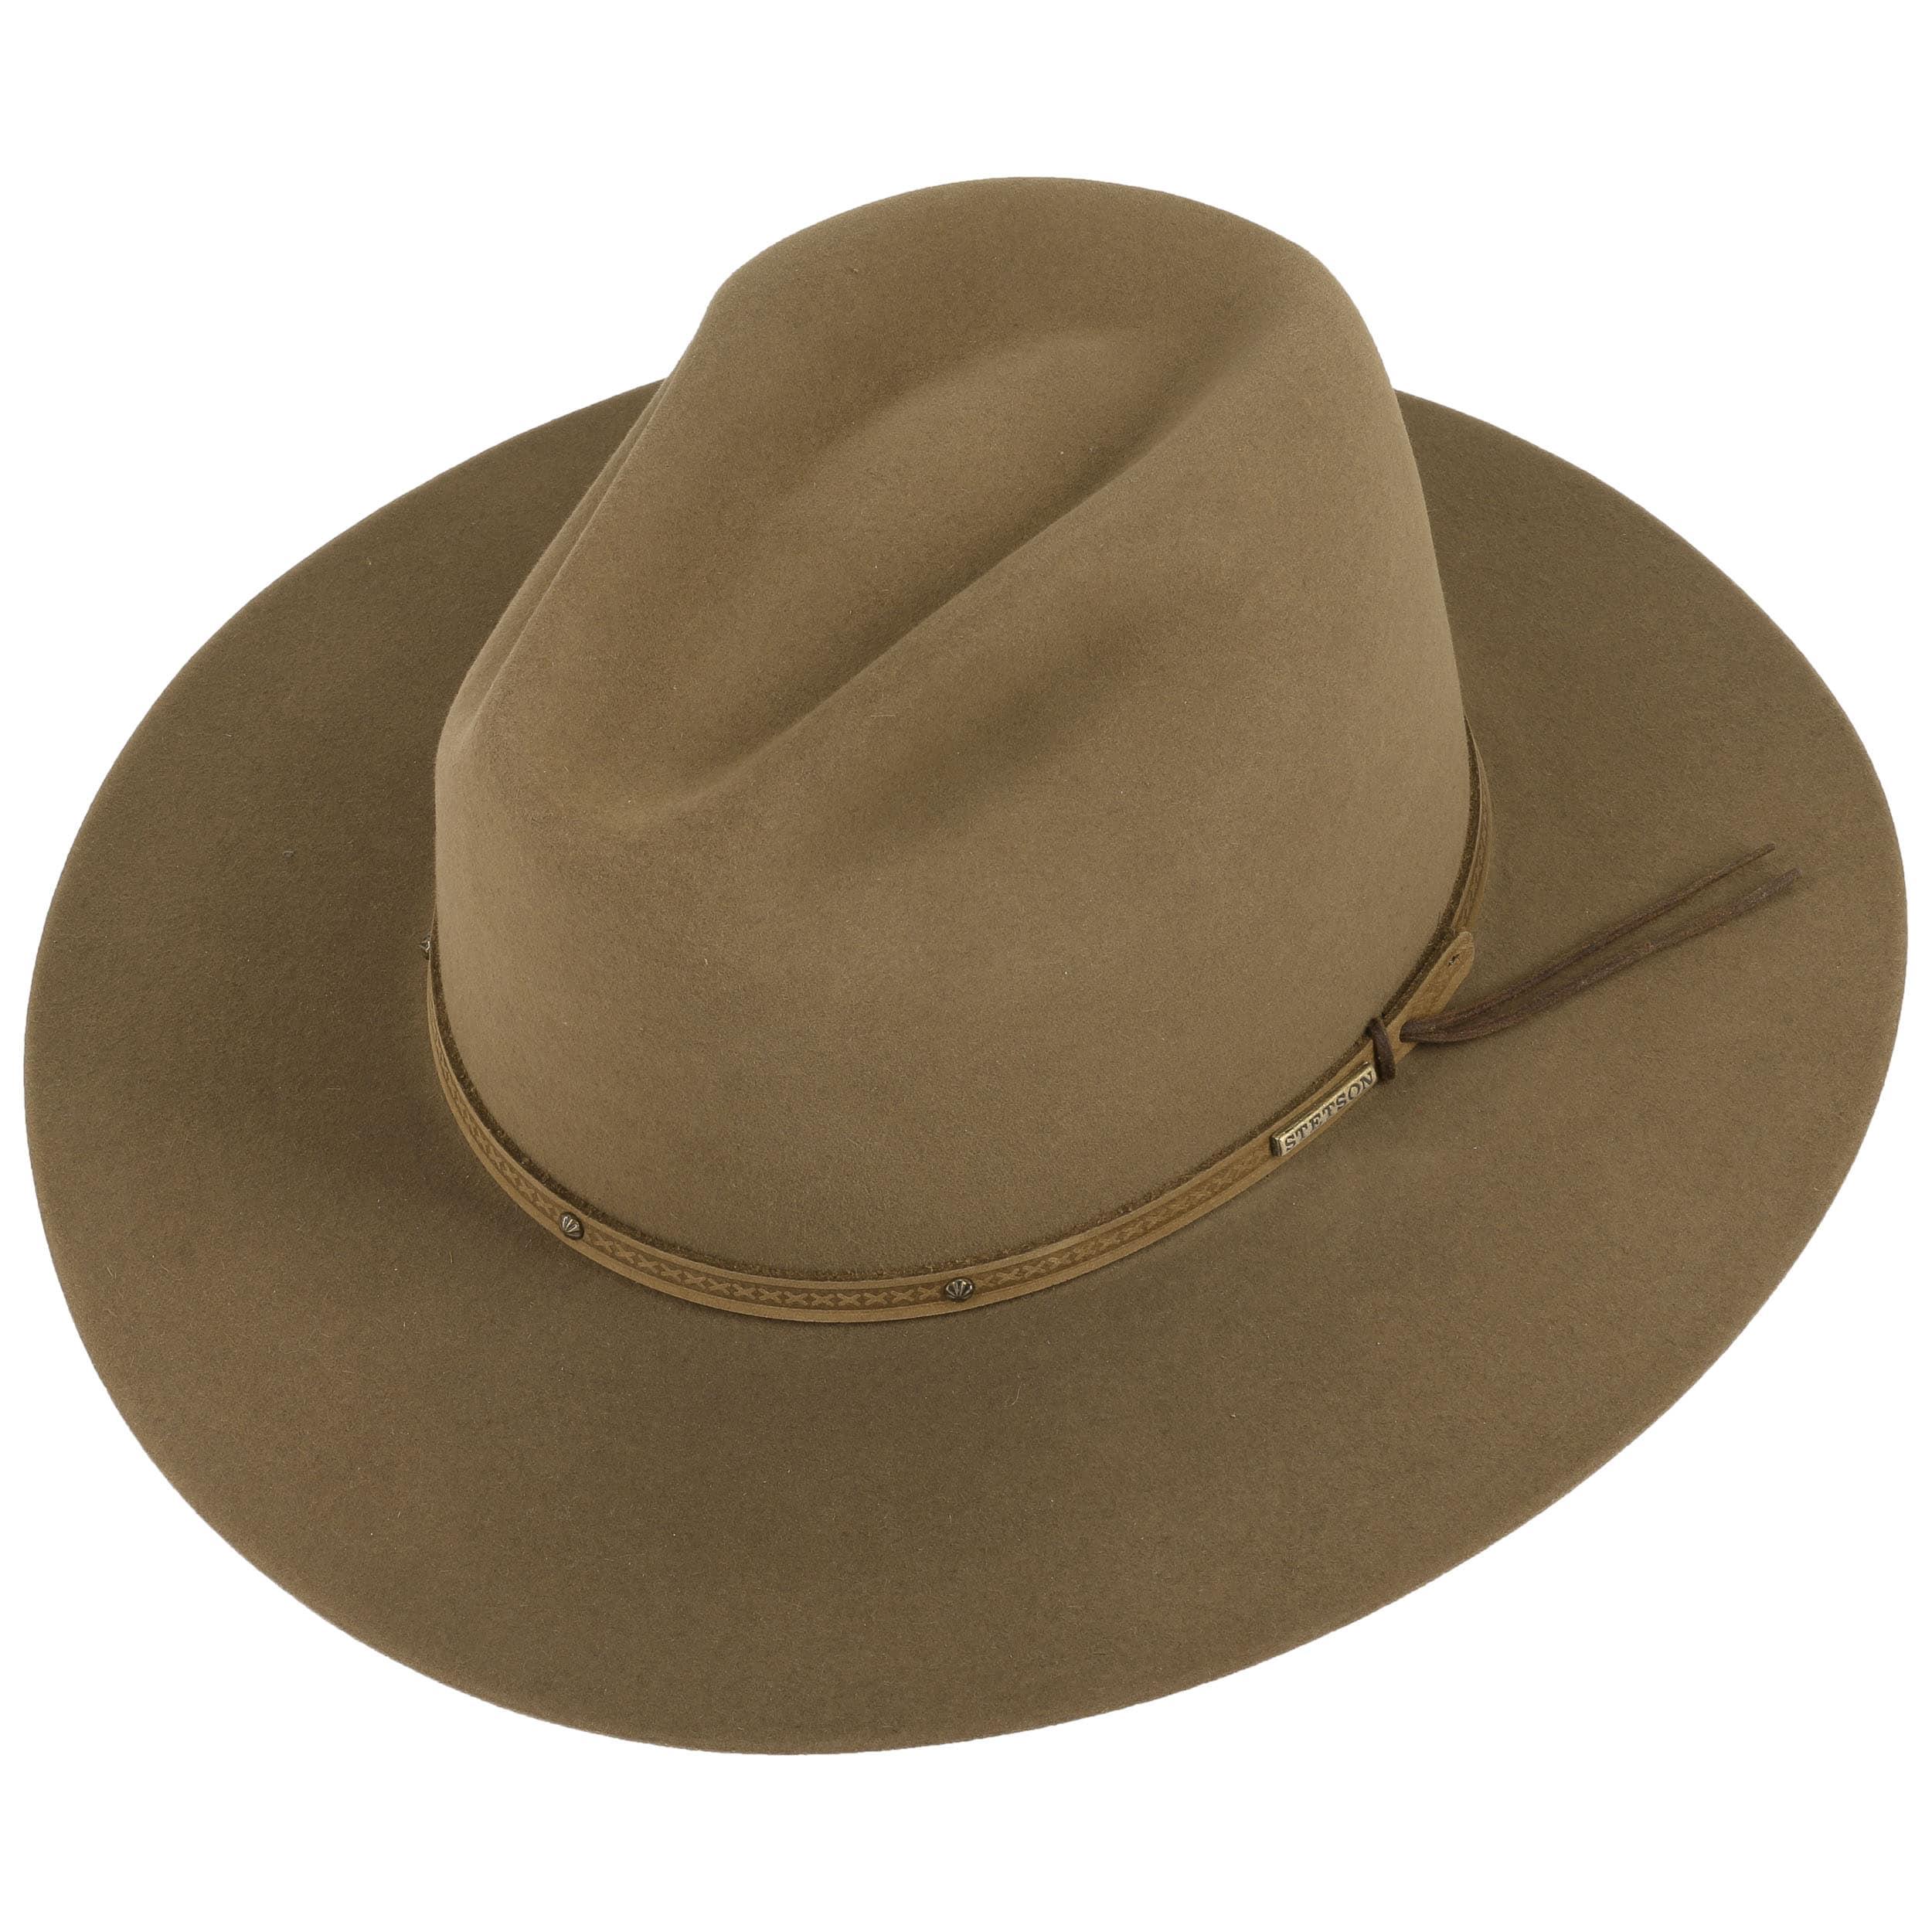 Sombrero de Vaquero Gunnison by Stetson - Sombreros - sombreroshop.es a72b4e1a8d5